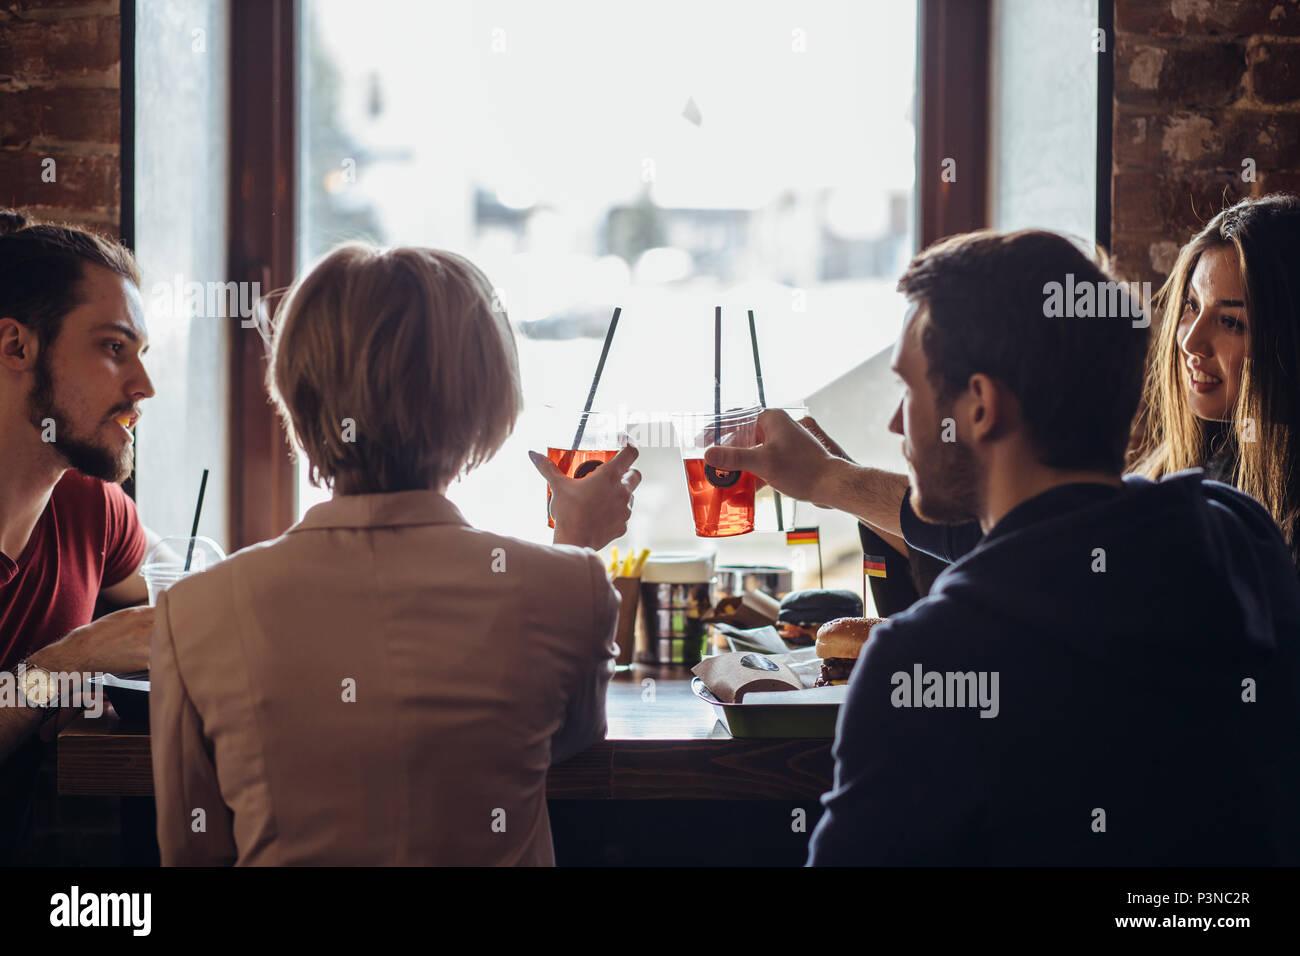 Vista posterior de la sociedad de los jóvenes la gente feliz hablando mientras está sentado en el café Imagen De Stock